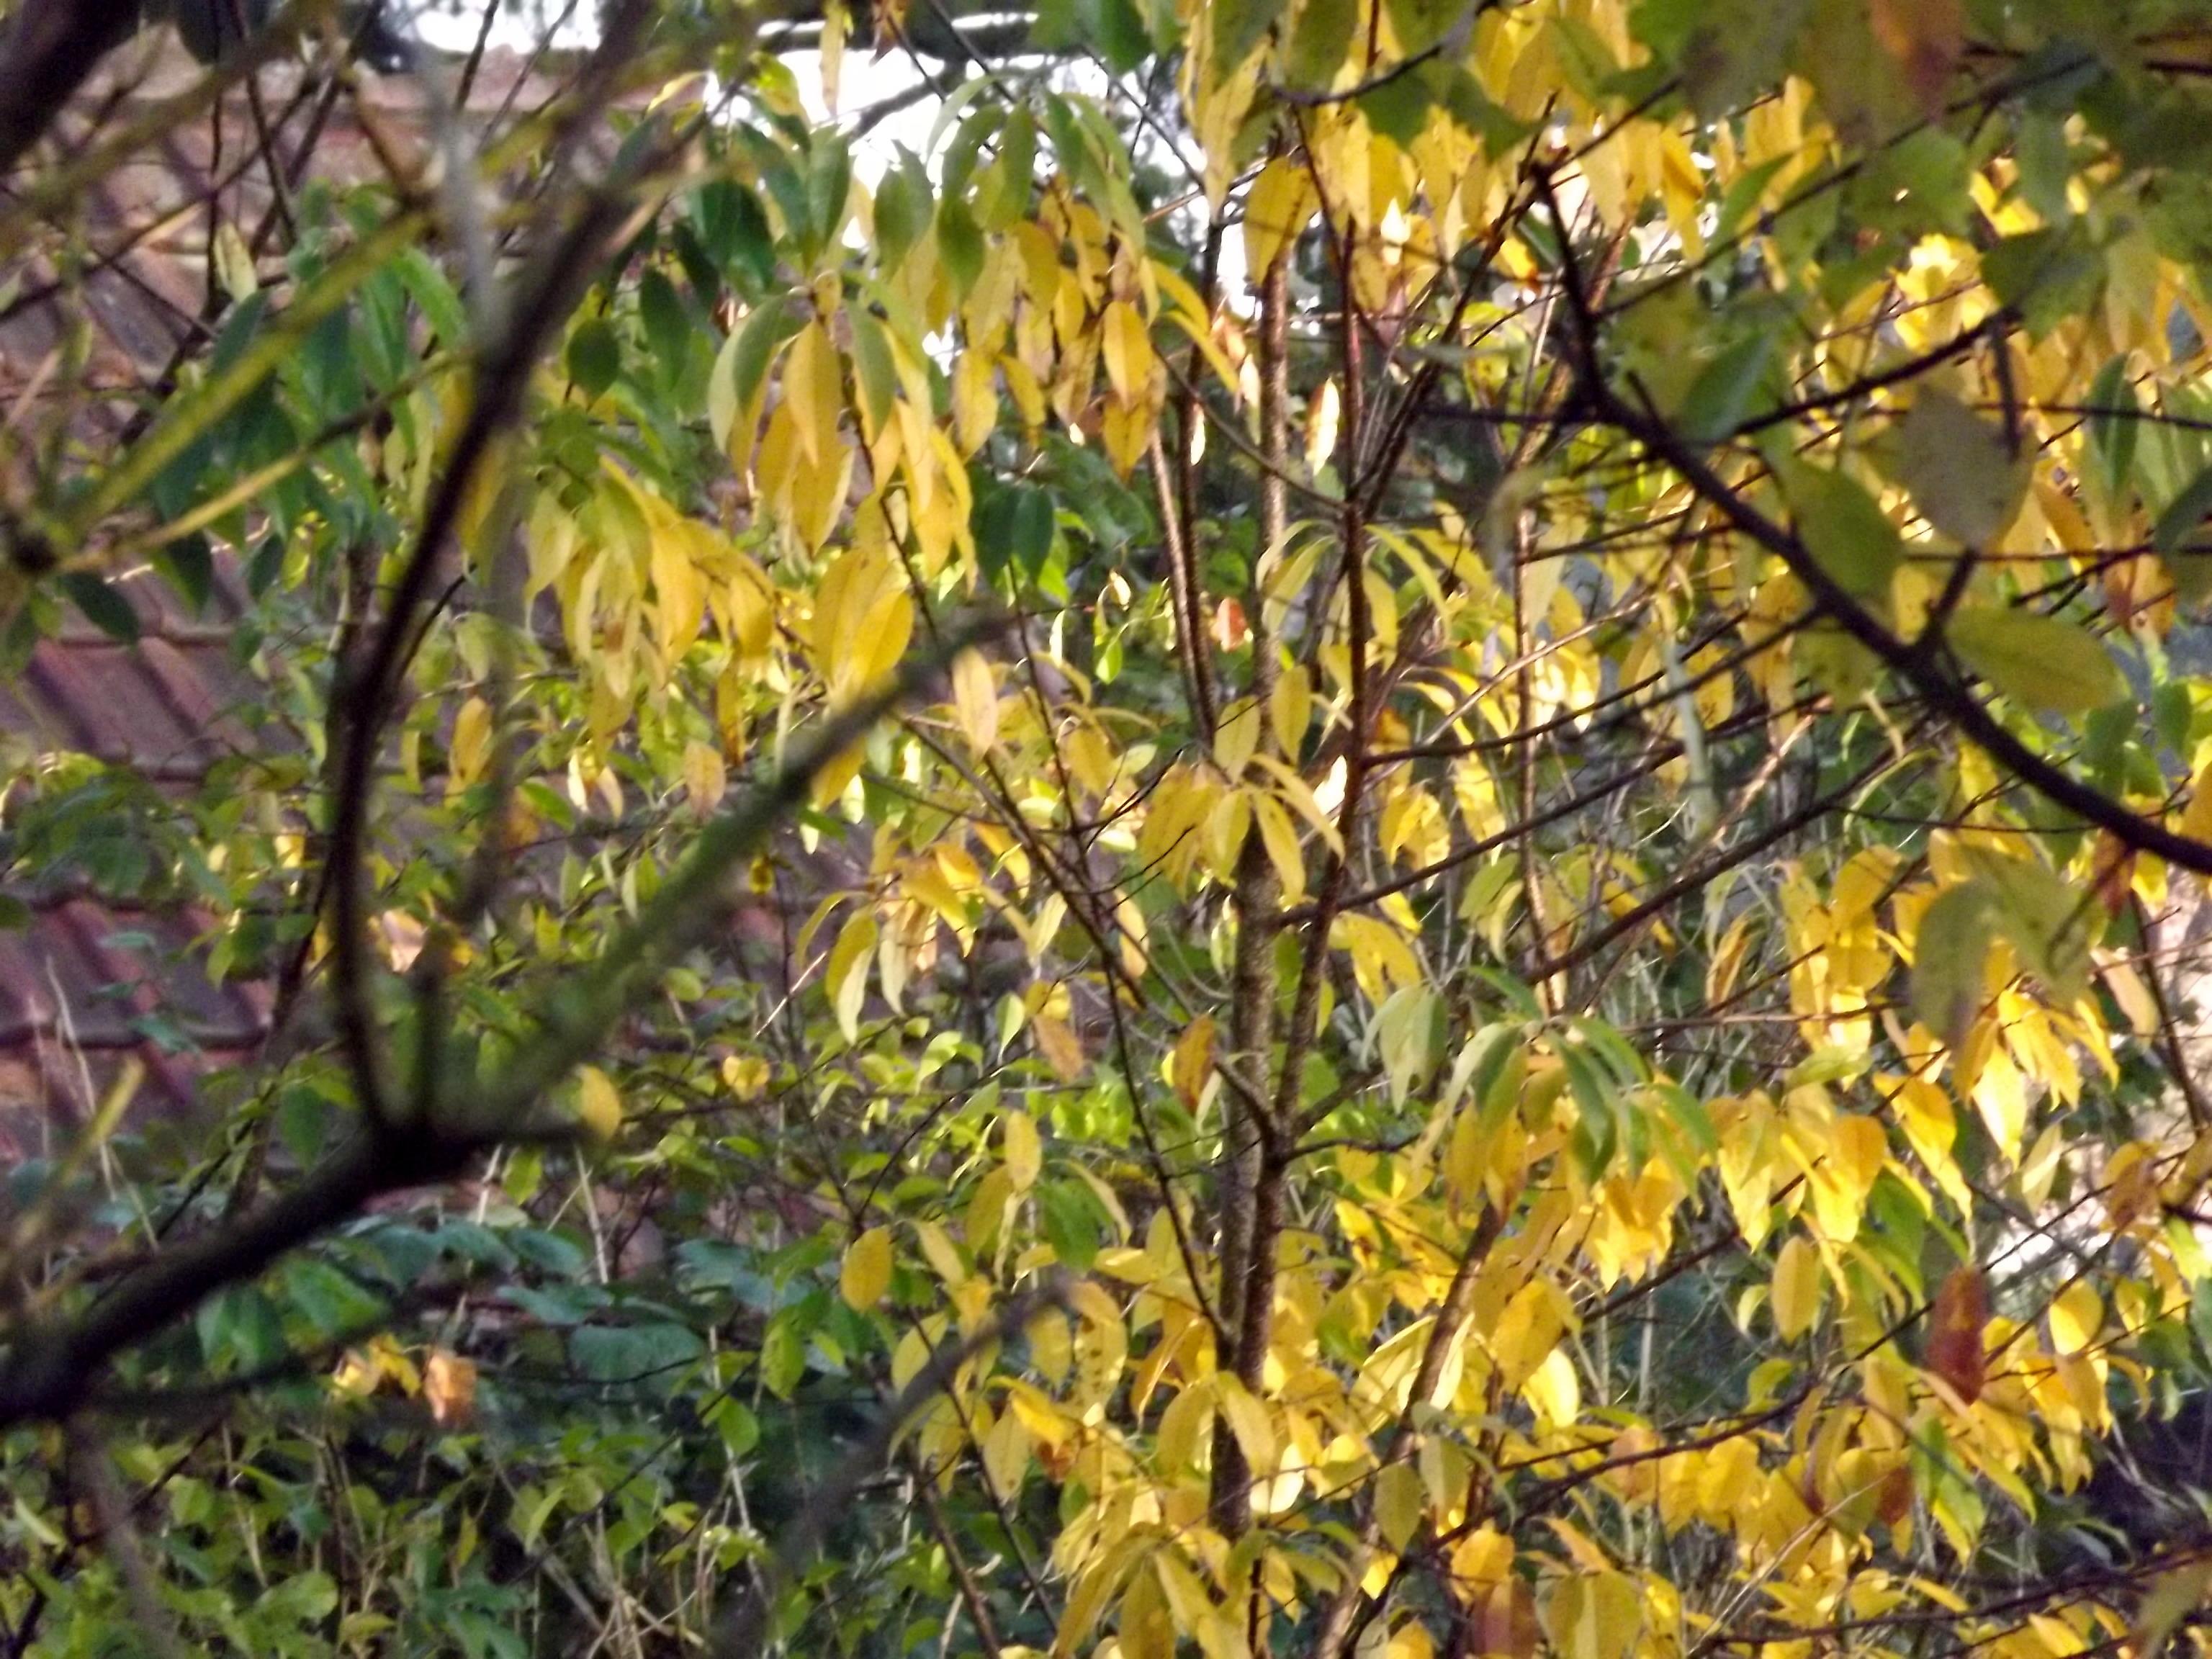 6602-zweige-gruen-gelb